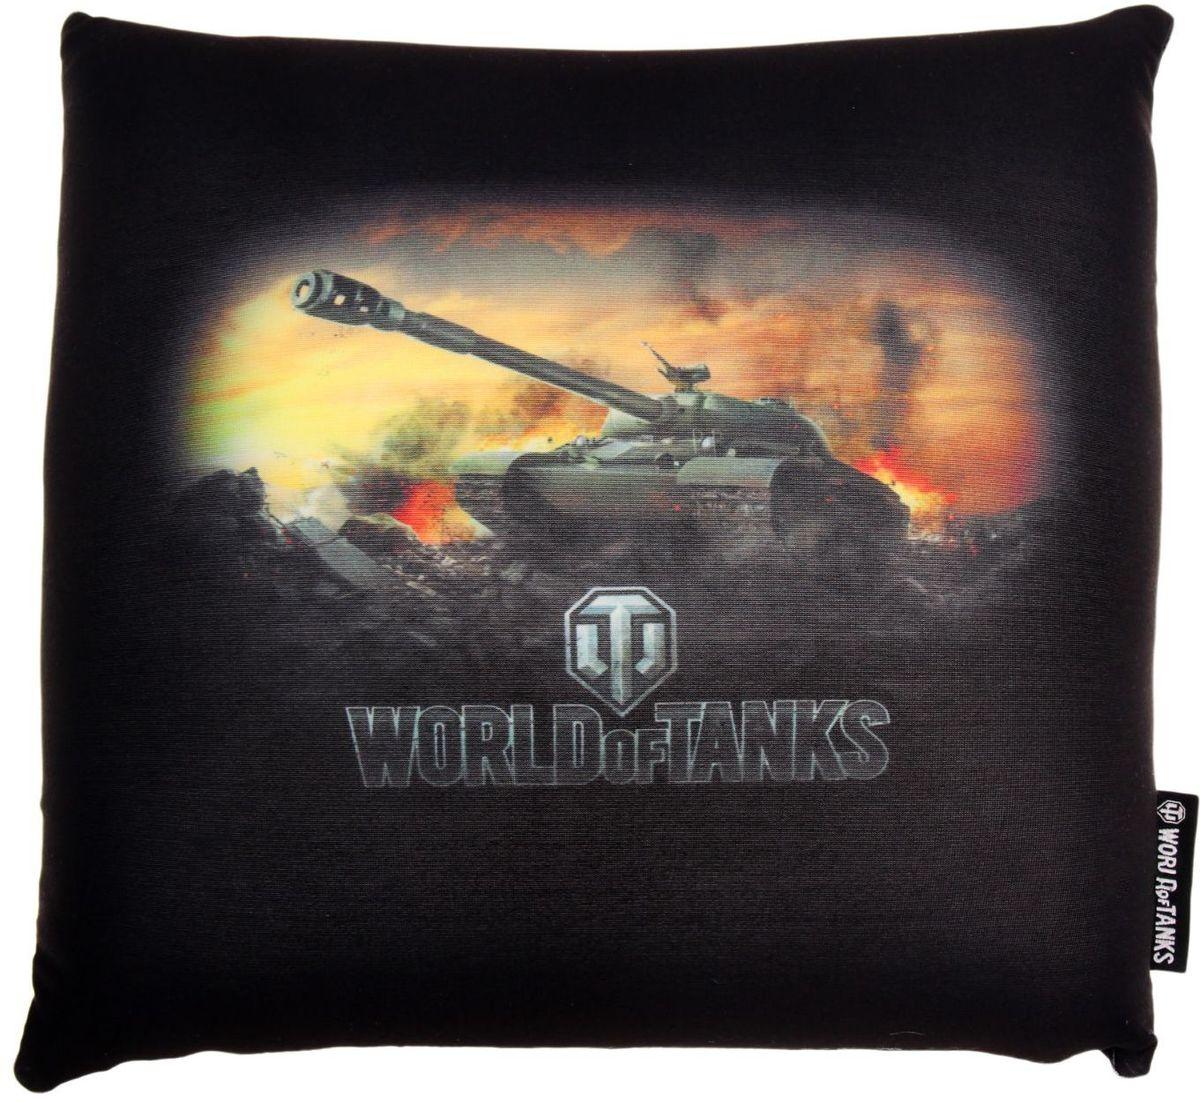 Maxitoys Подушка-игрушка World Of Tanks 15 см 2121439 подушки декоративные maxitoys декоративная подушка world of tanks